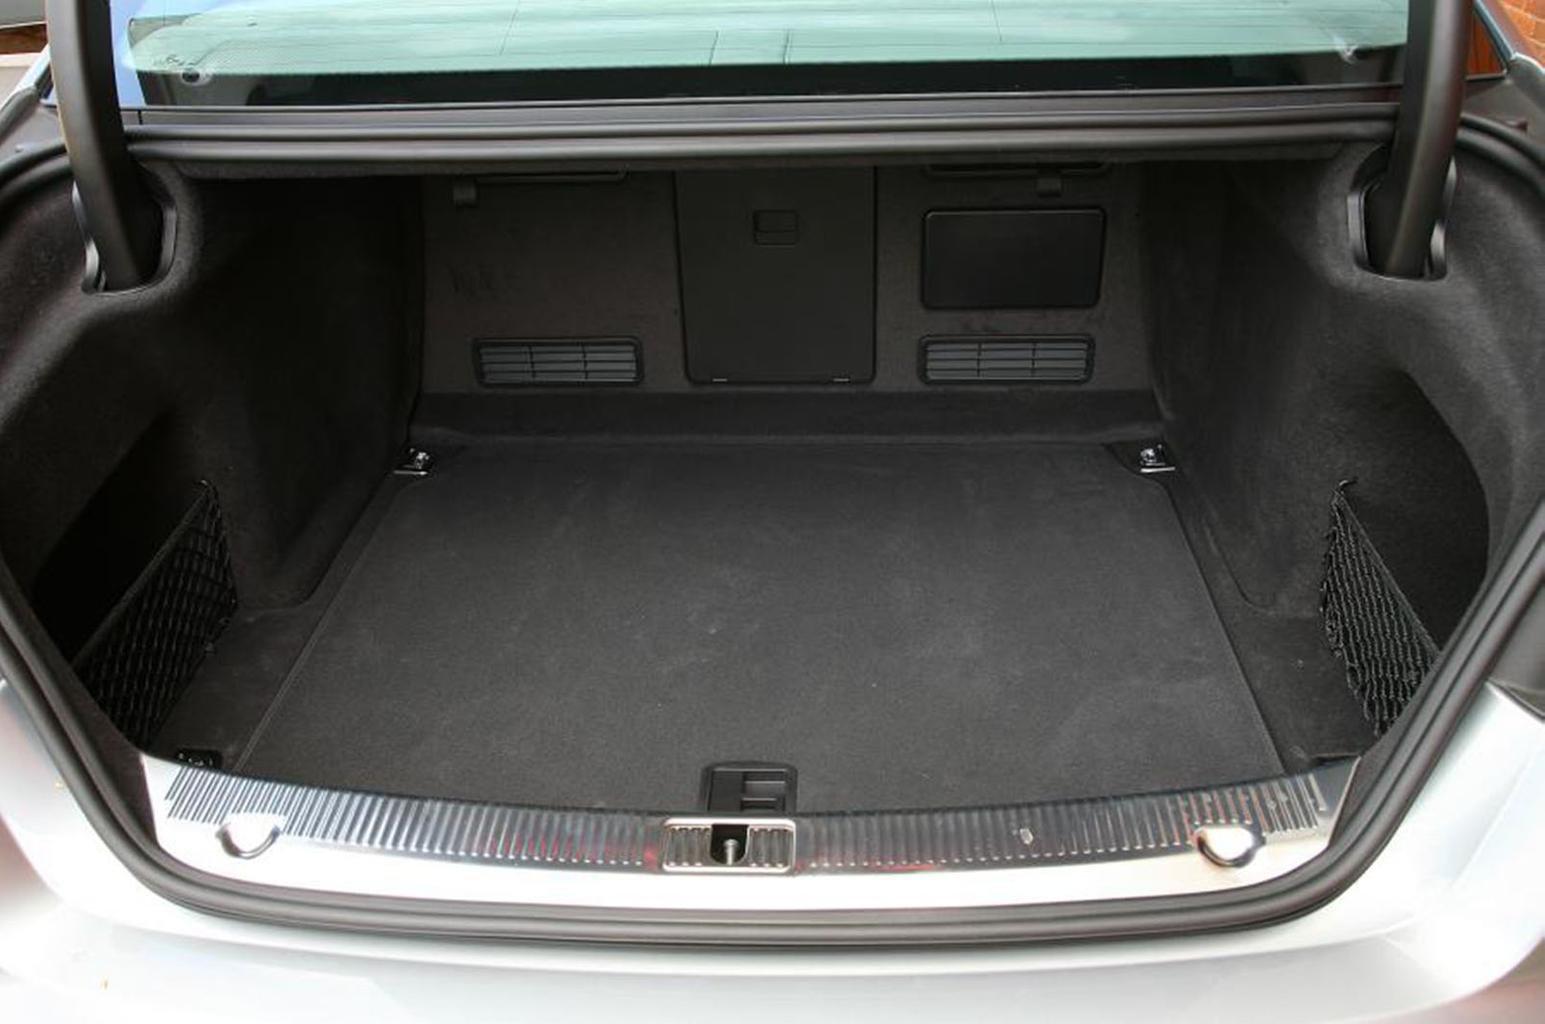 Used Audi A8 10-17